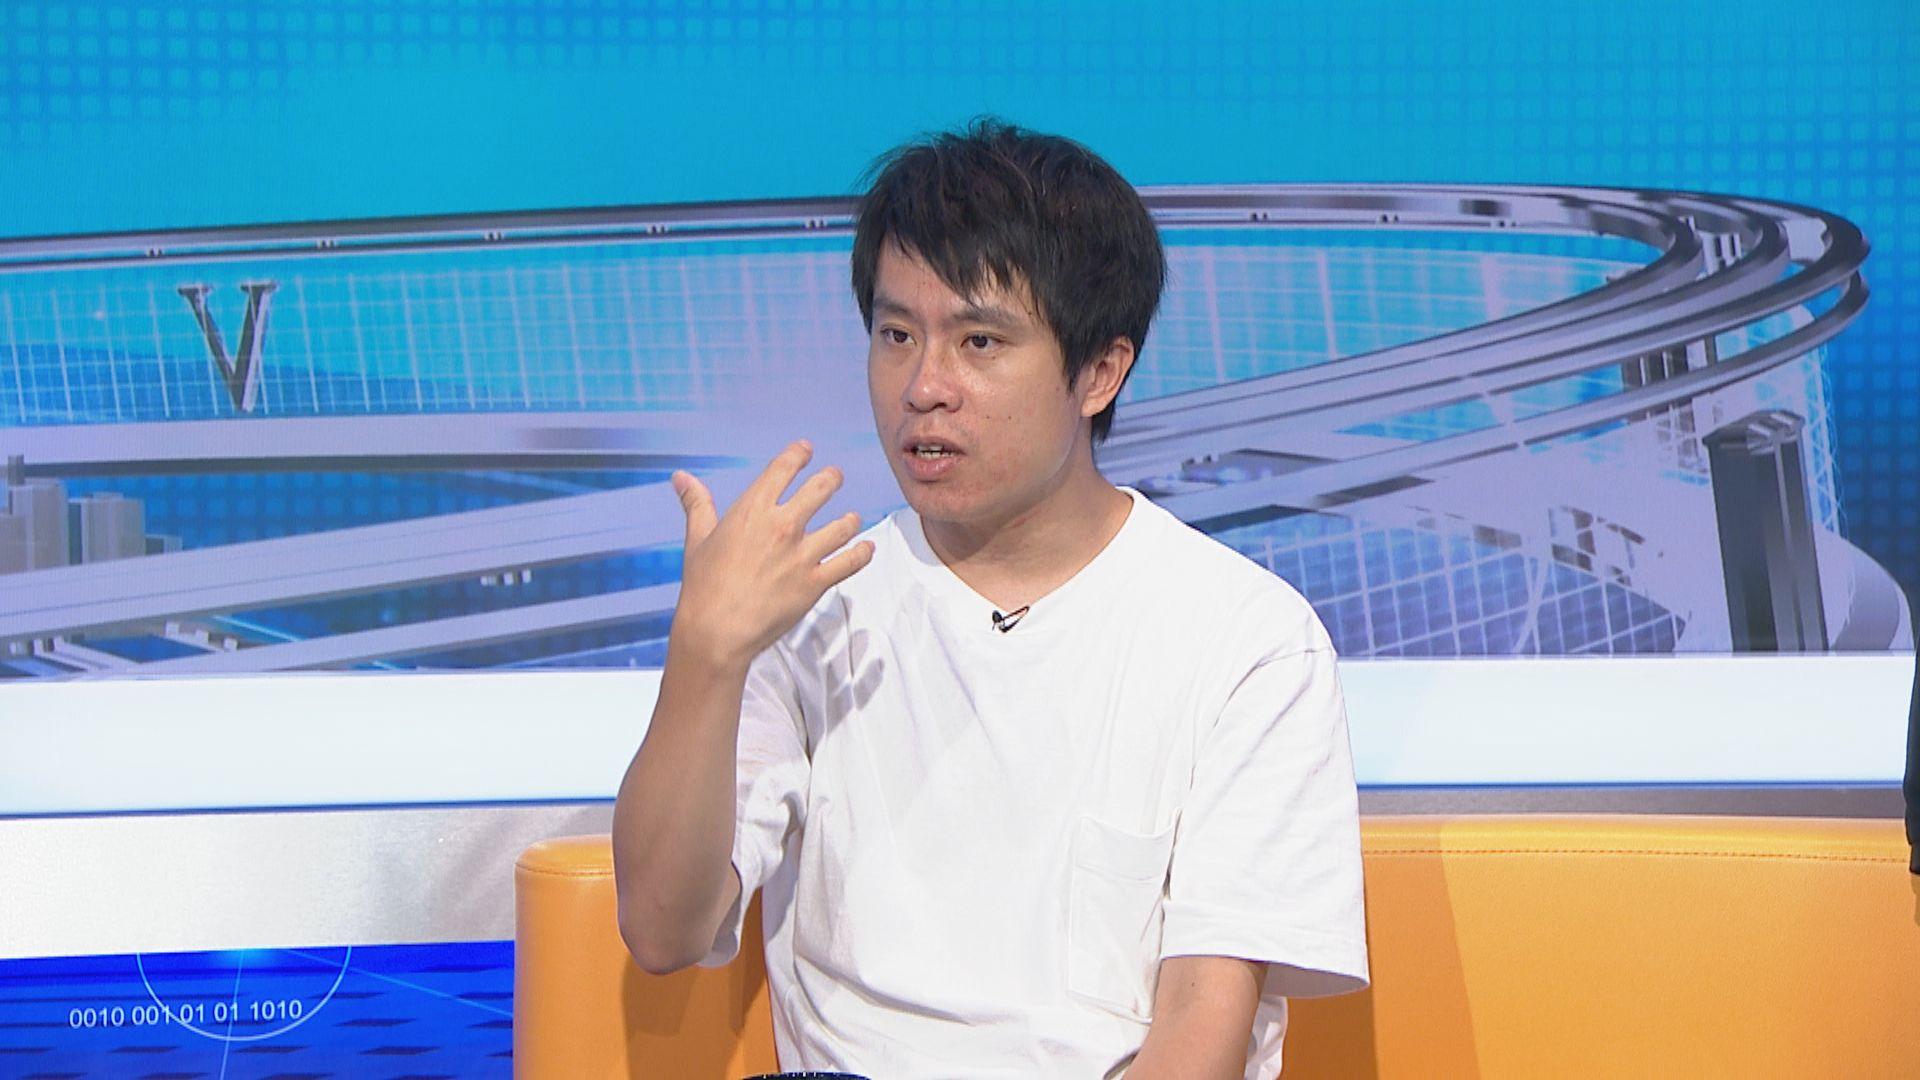 鄺俊宇:修例風波至今港府仍未平息民憤